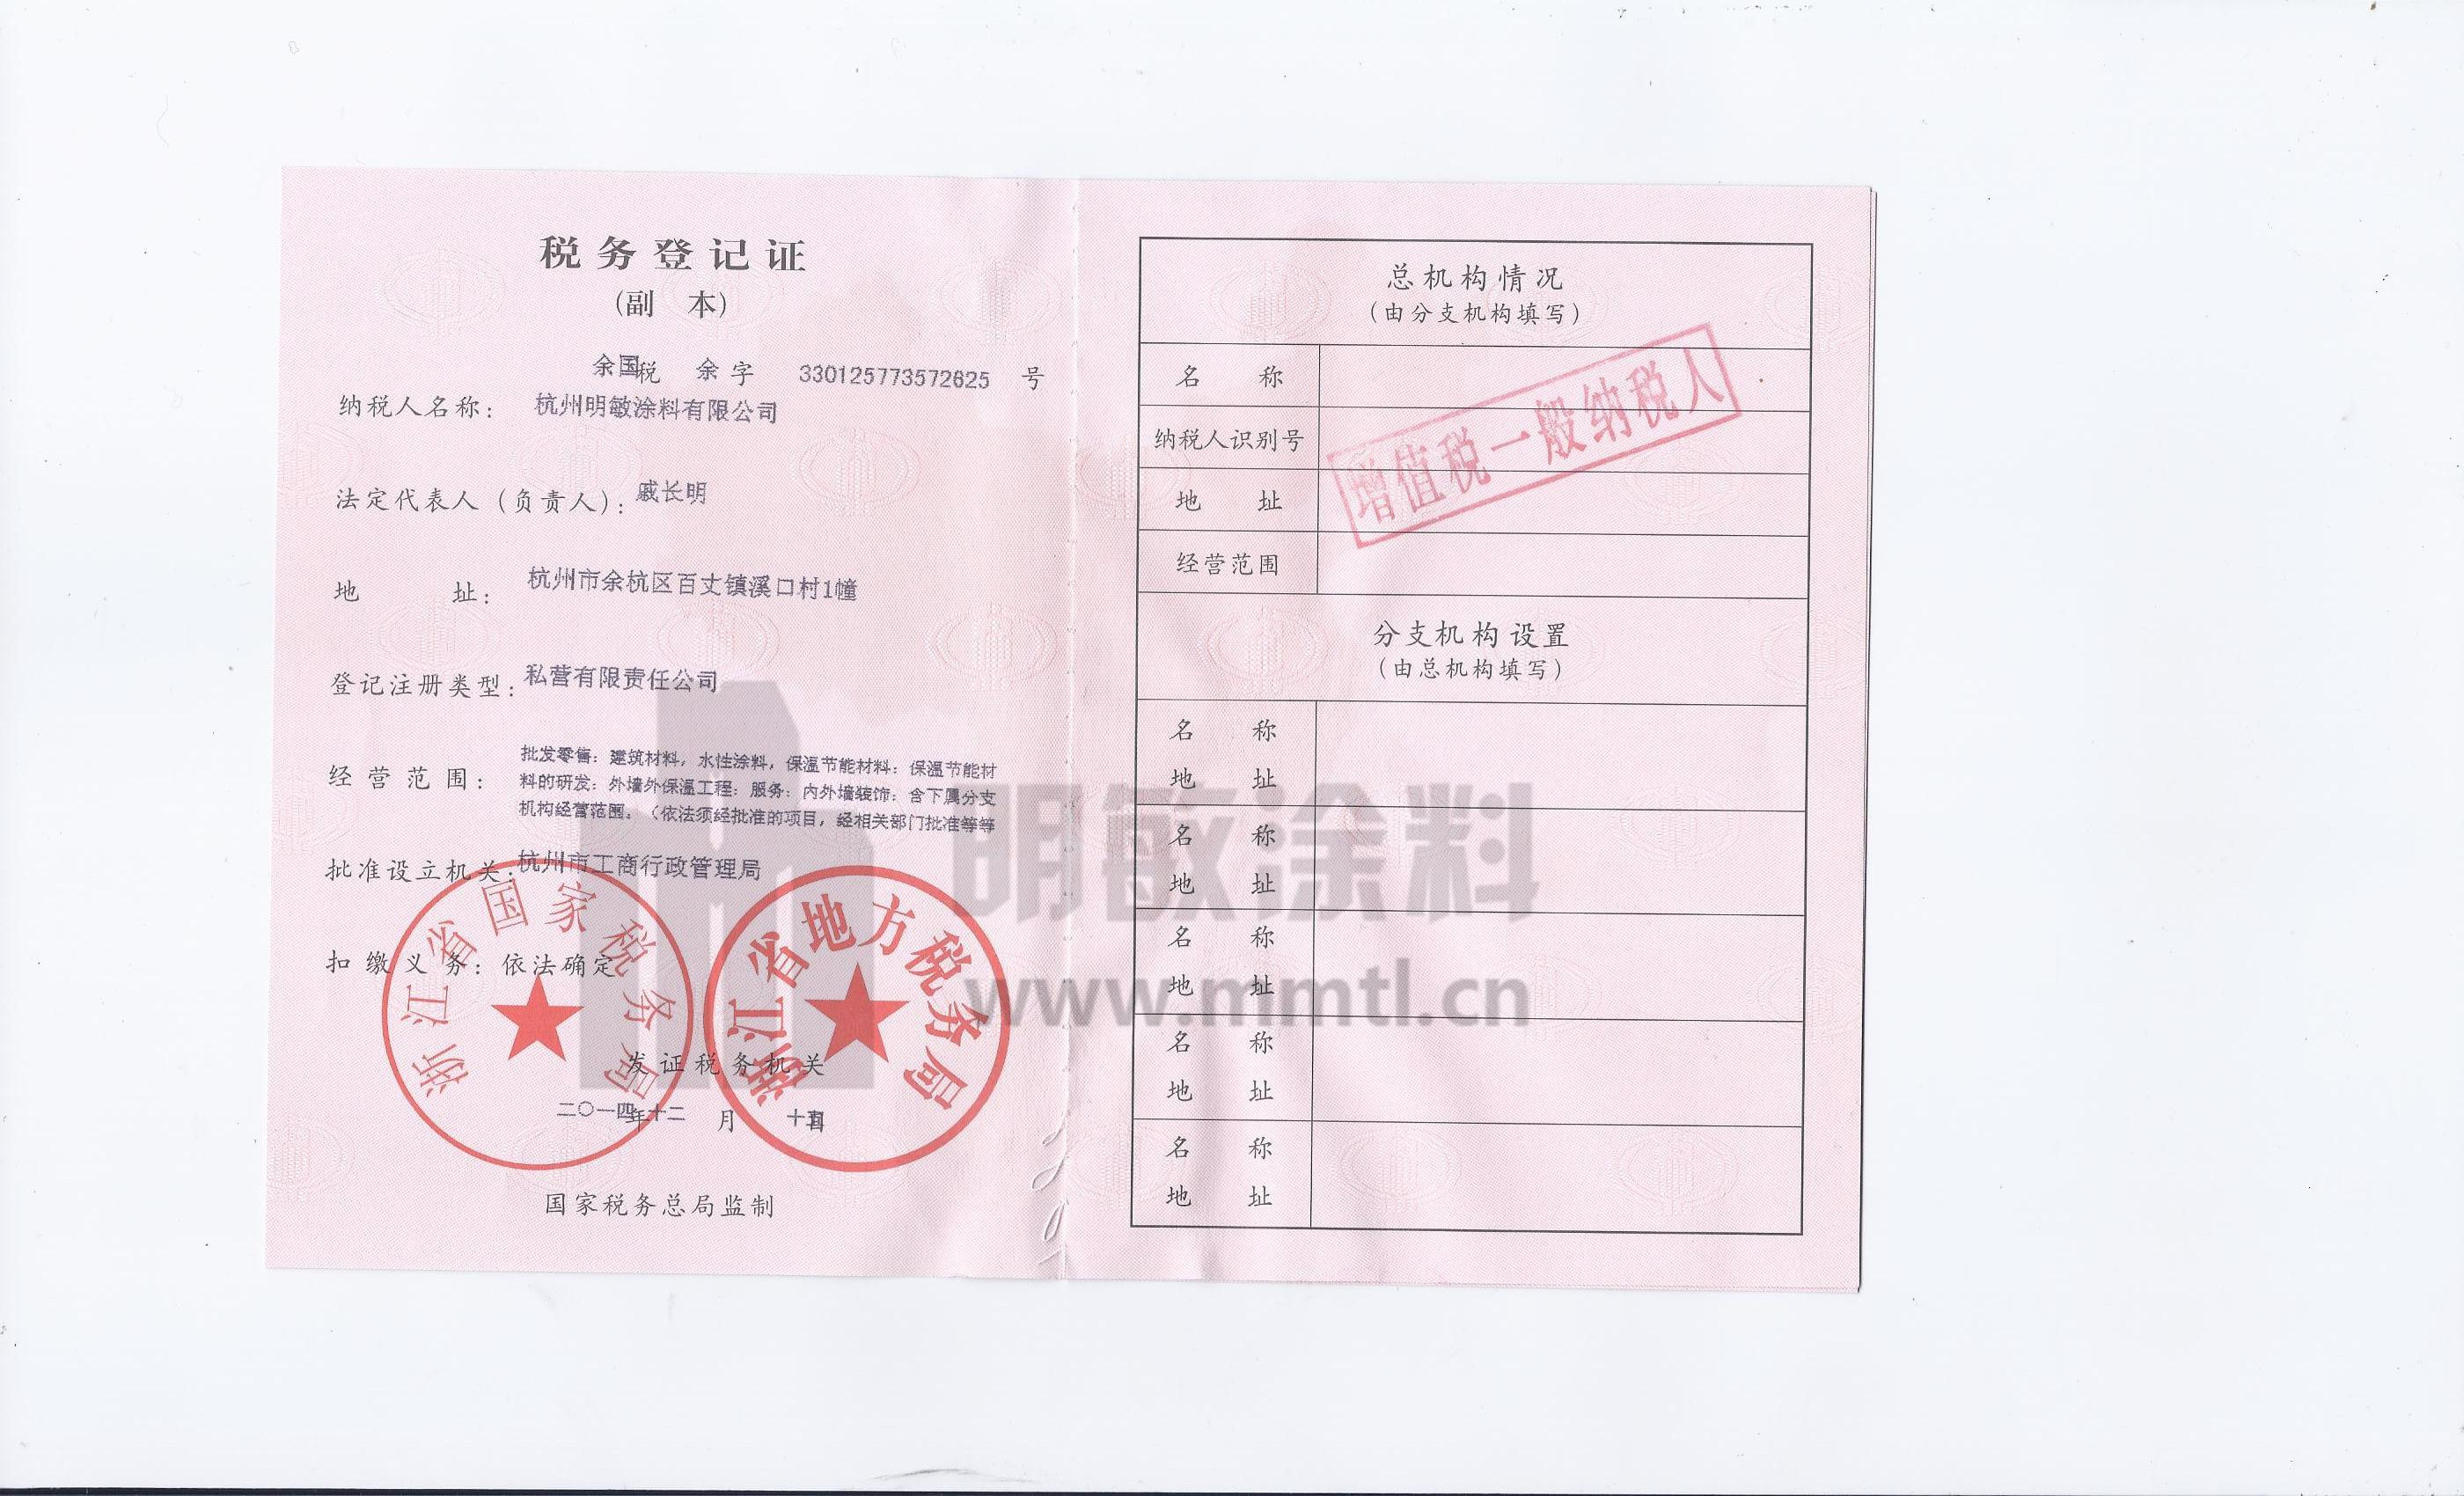 明敏涂料-税务登记证